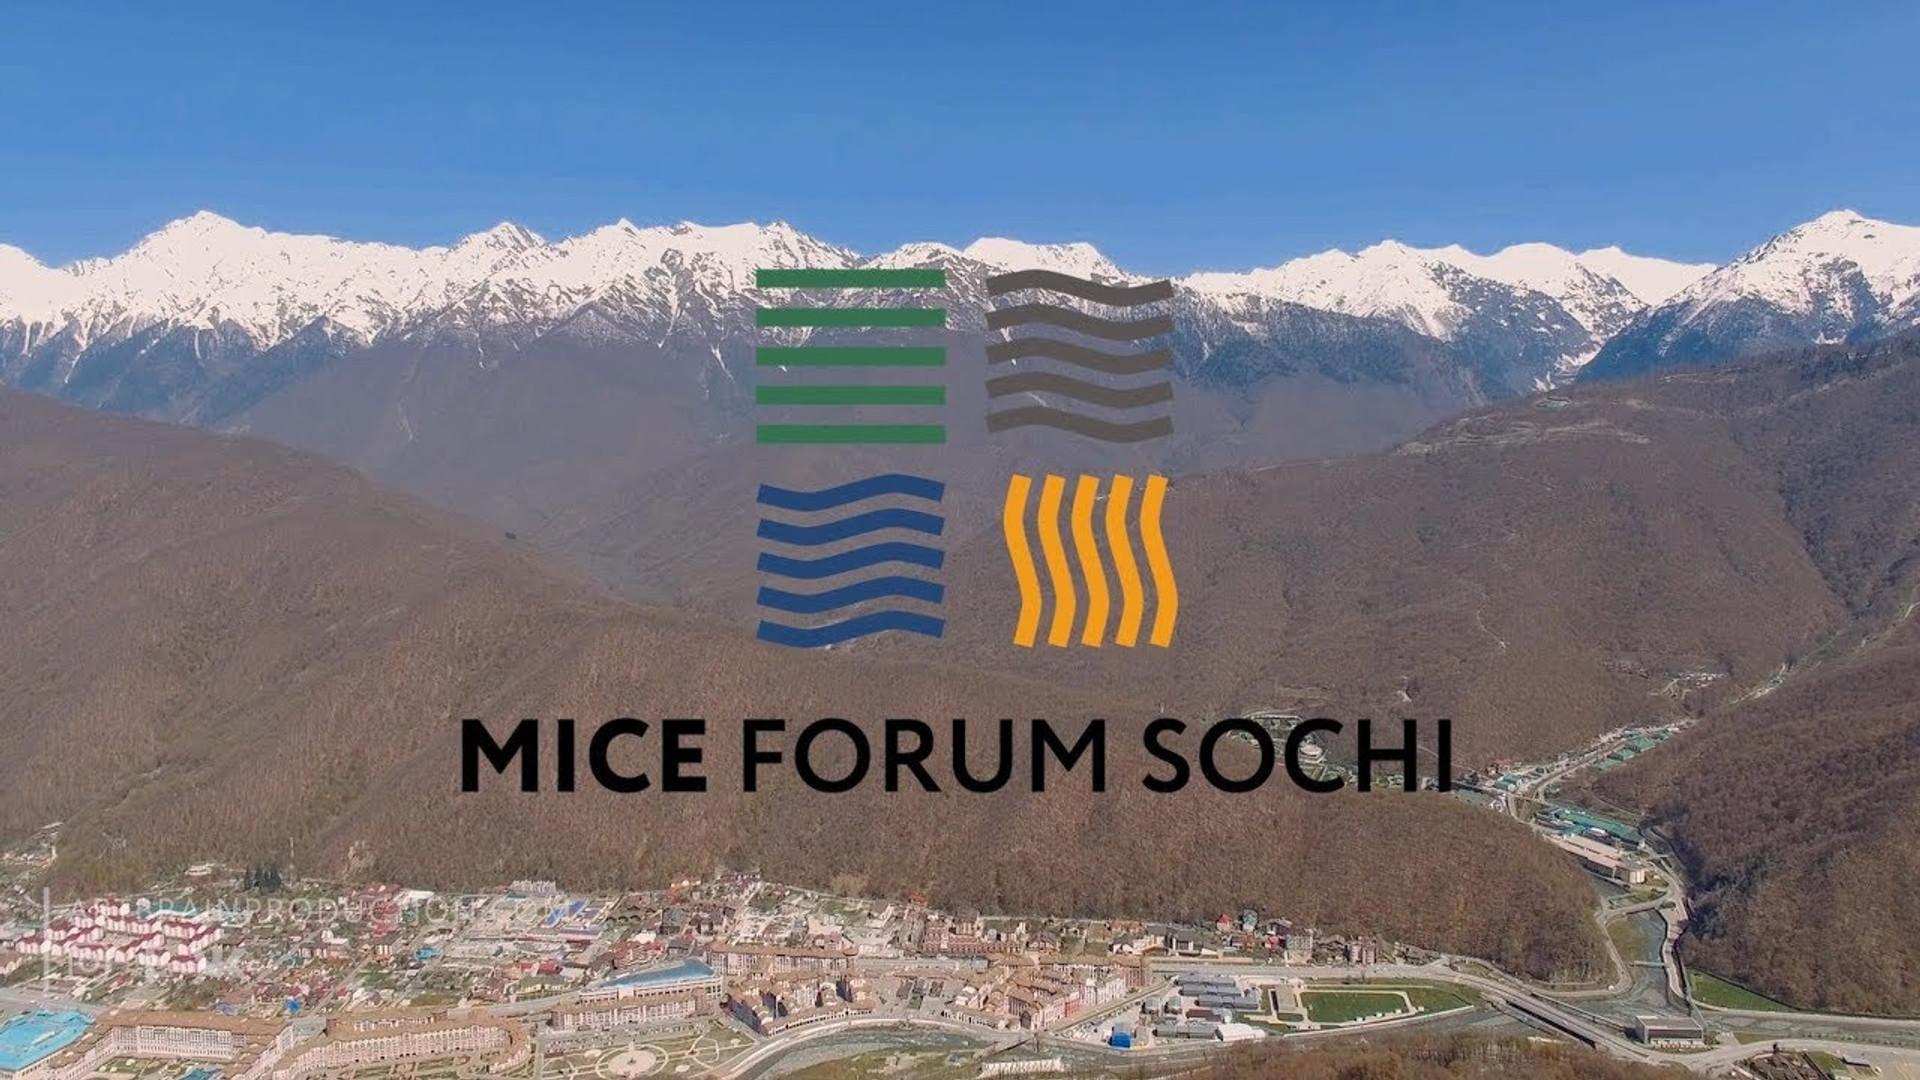 Видеосъёмка Mice Forum Sochi.